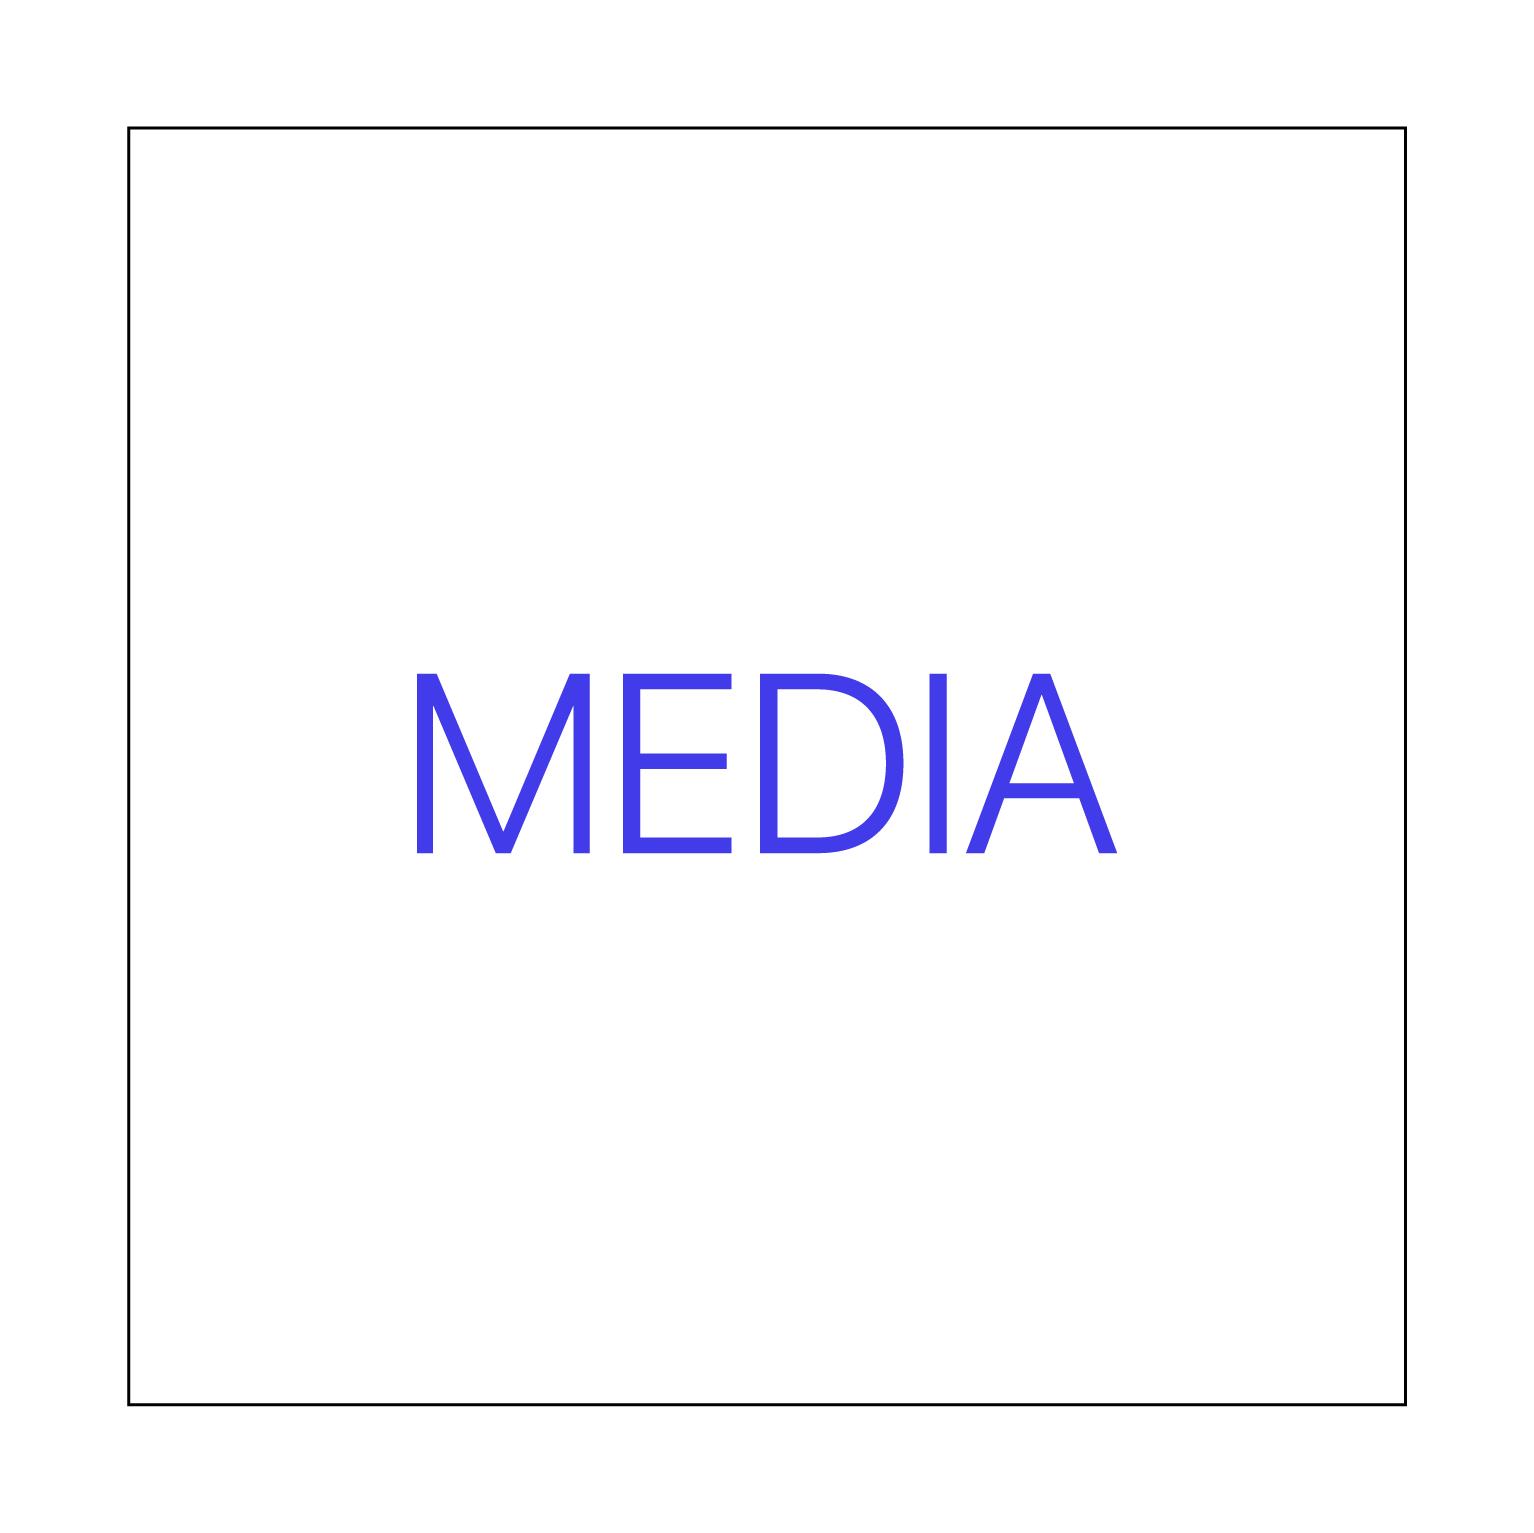 Media@3x.png